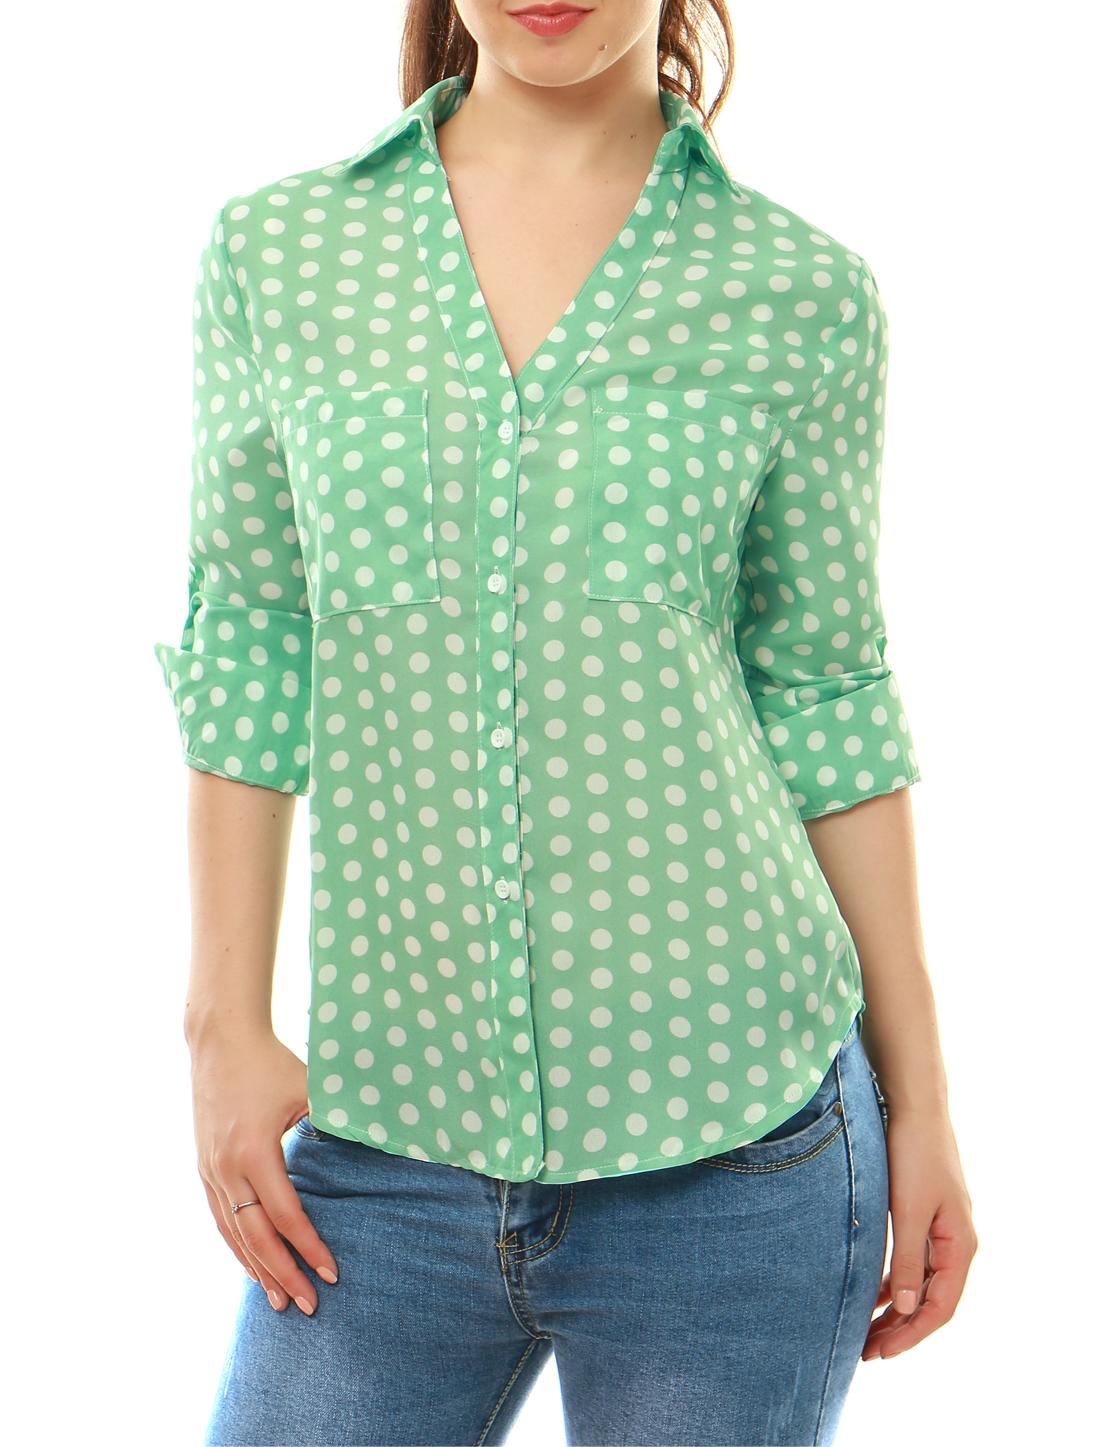 Women Polka Dots Point Collar Convertible Sleeve Shirt Green XS